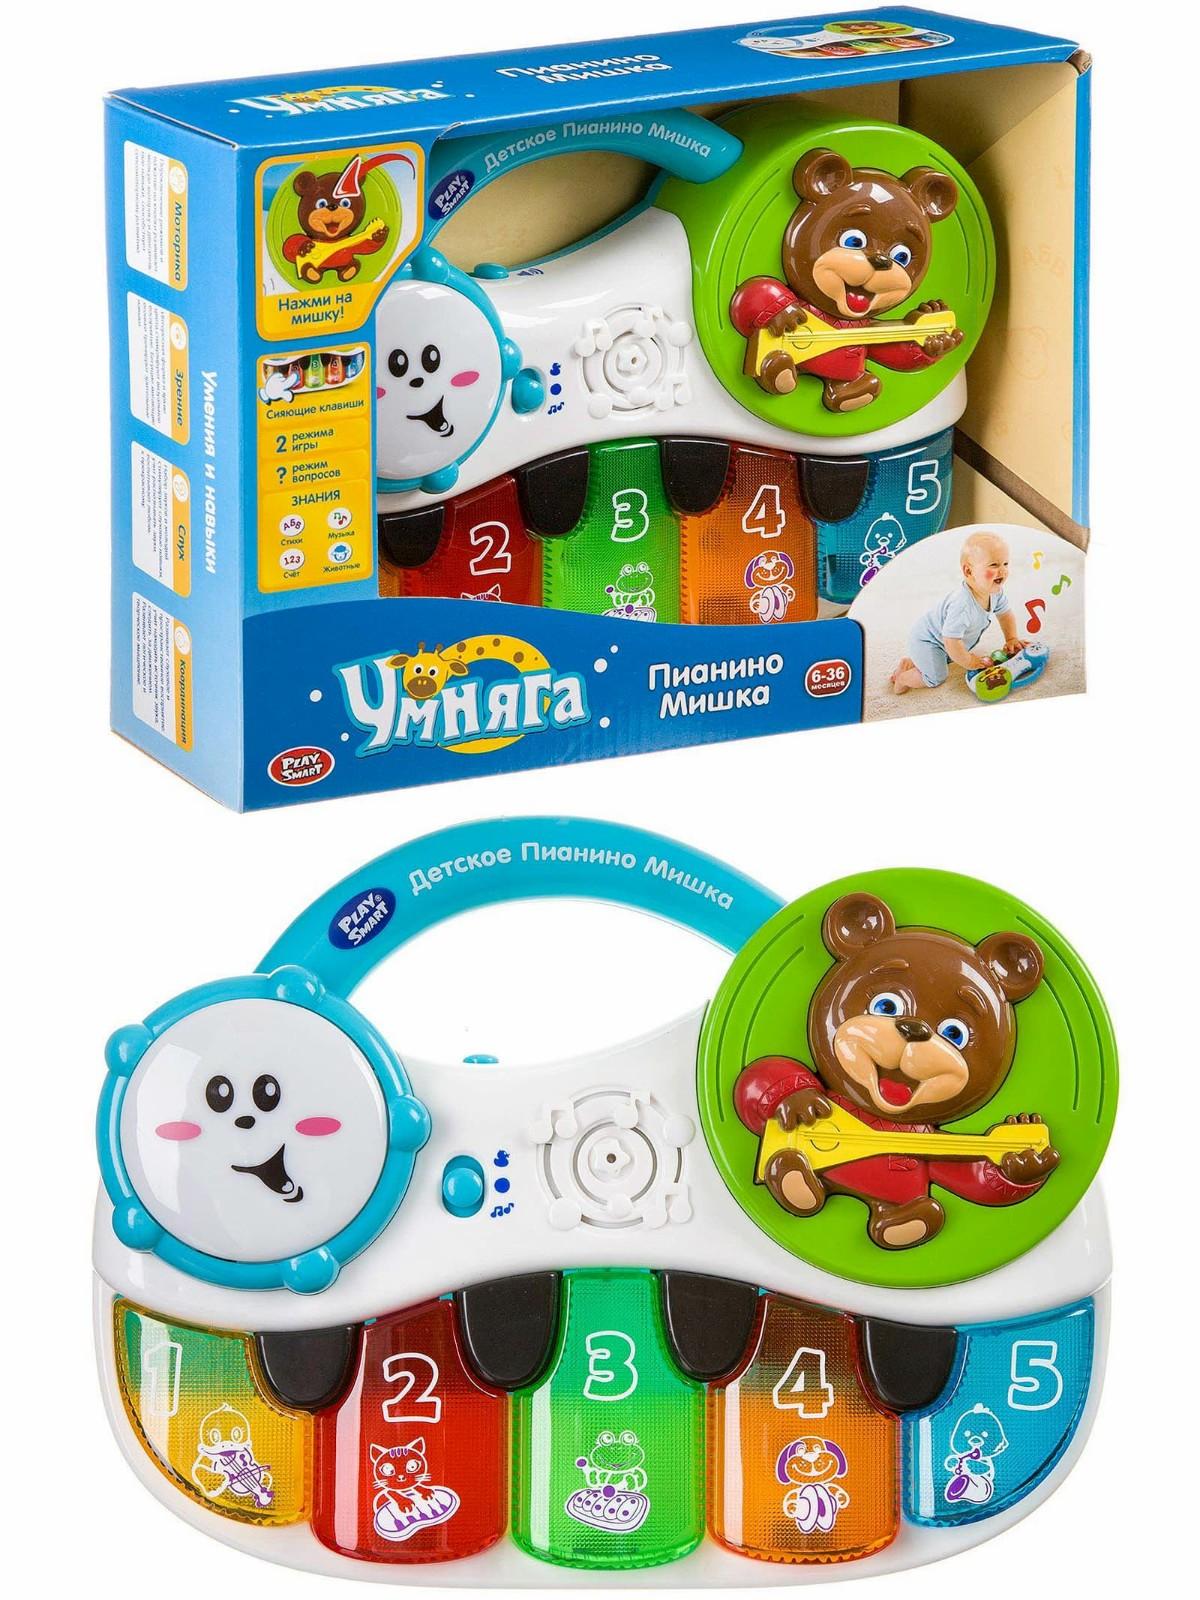 Детская музыкальная игрушка-пианино Play Smart «Умняга: Пианино-Мишка» 7504